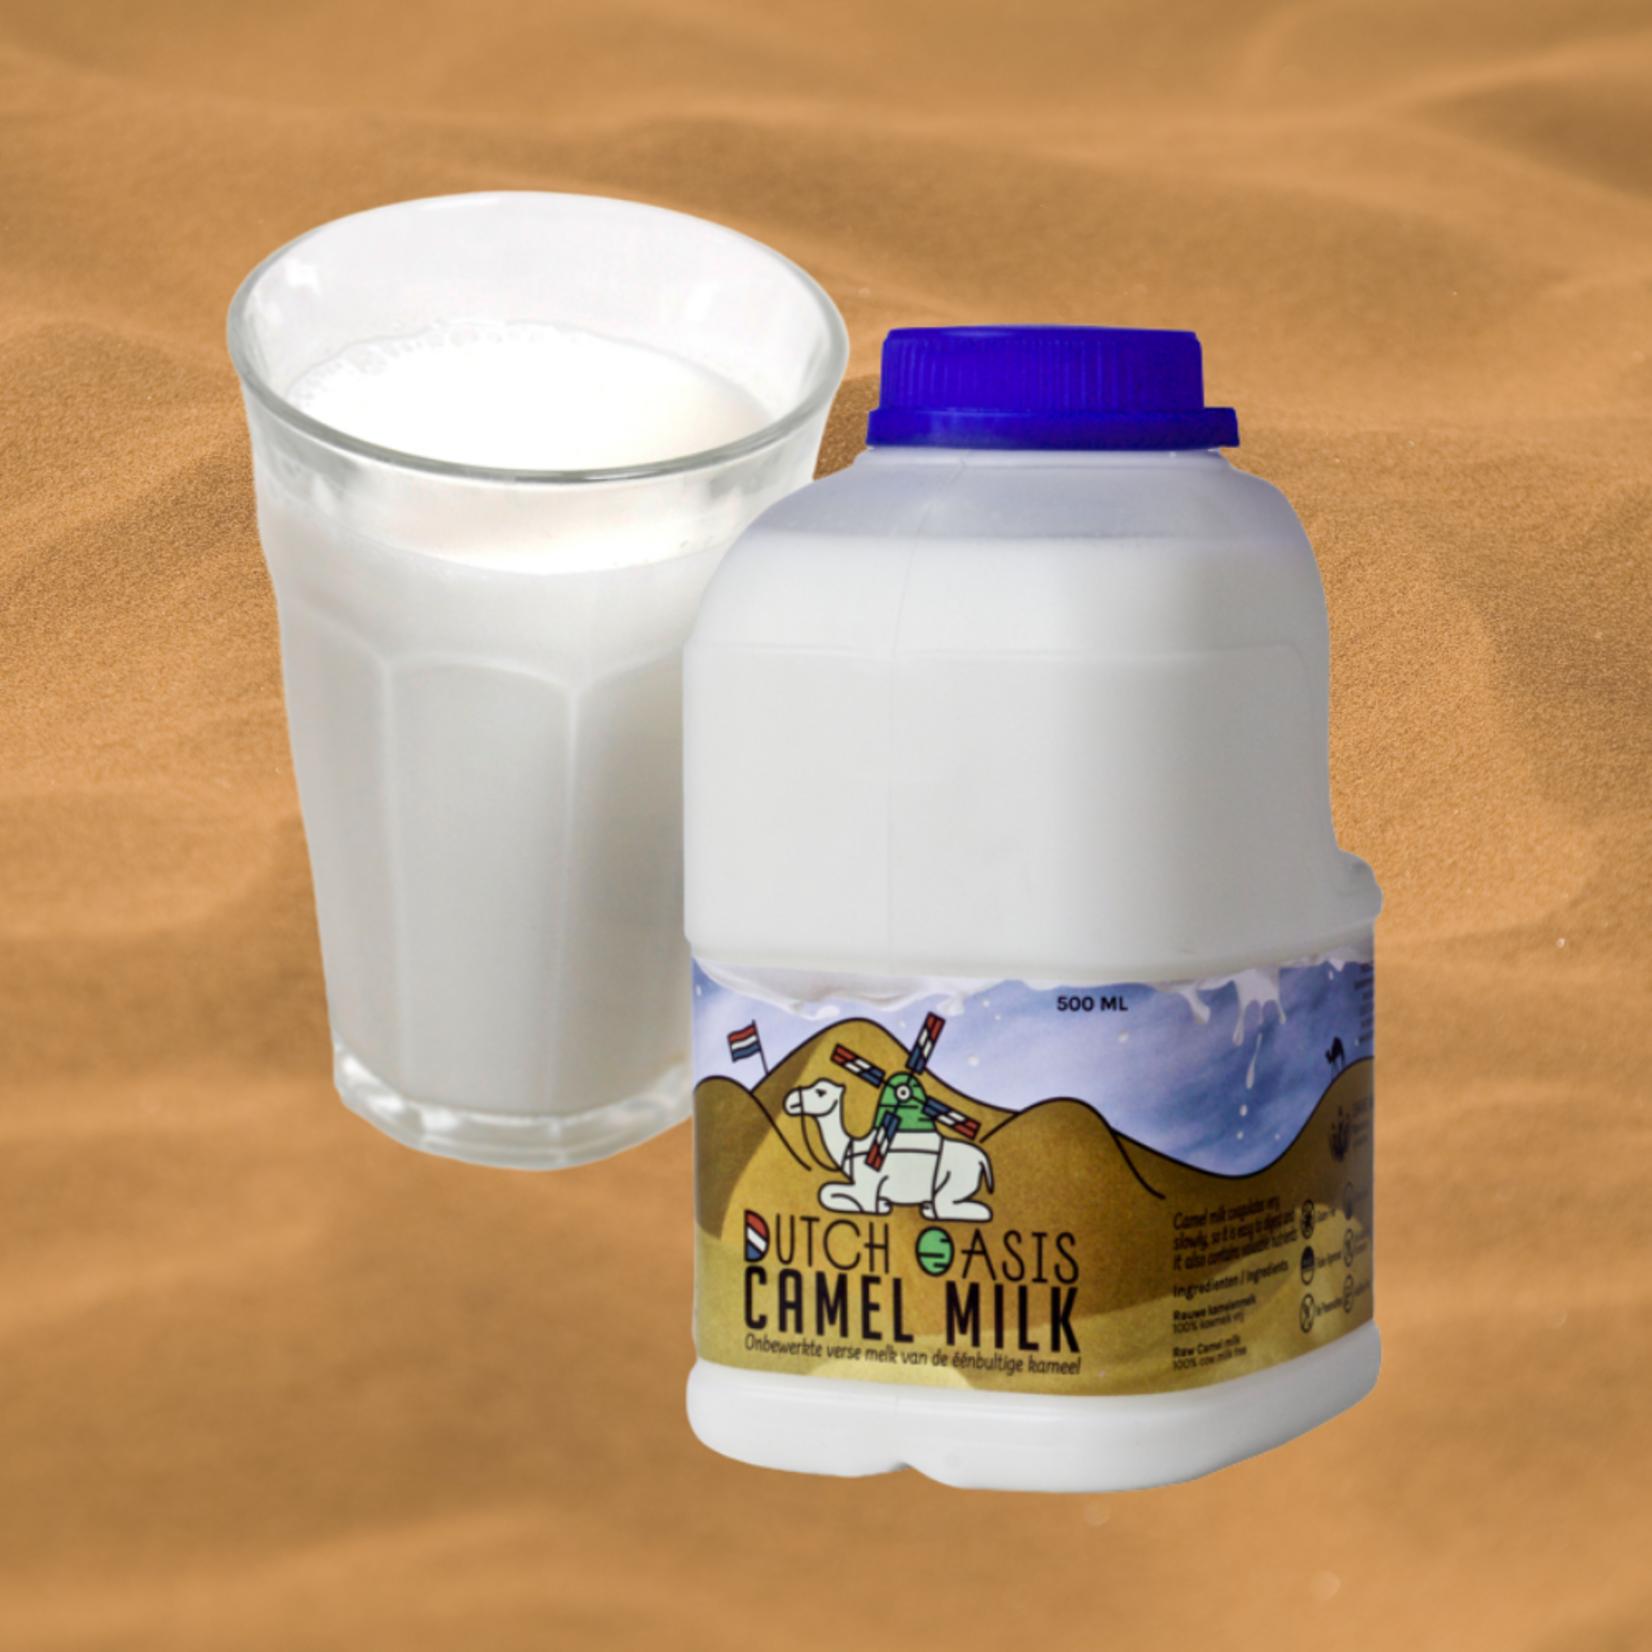 Dutch Oasis 7 Flasche (á 500ml) Roh und Gefroren Kamelmilch